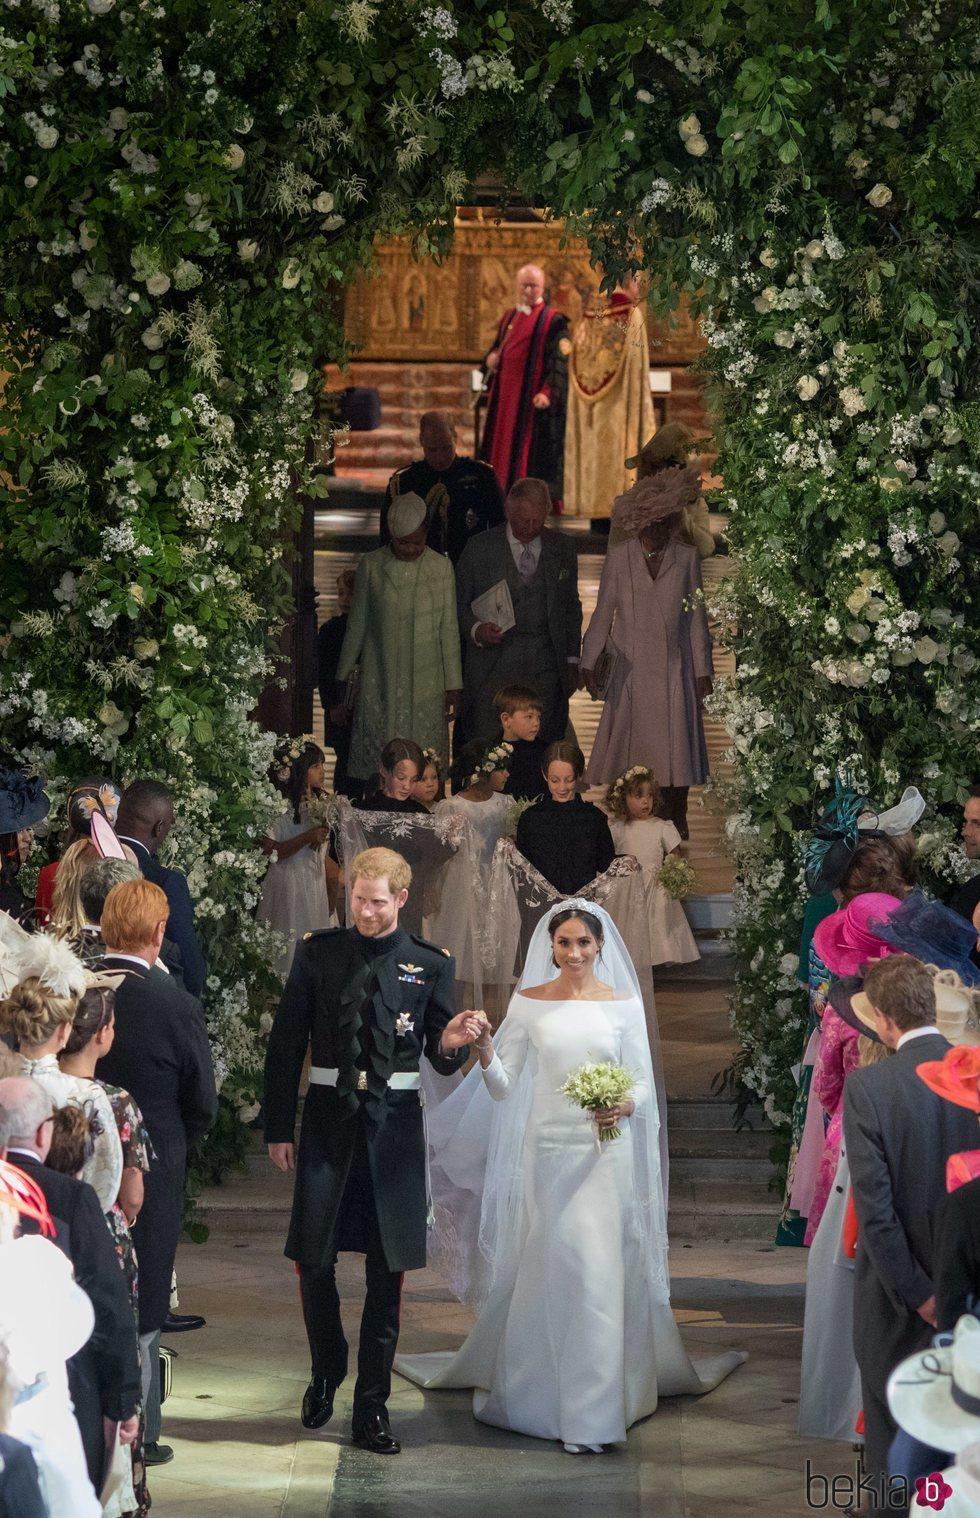 El Príncipe Harry y Meghan Markle convertidos en marido y mujer tras su boda con las damas y los pajes detrás